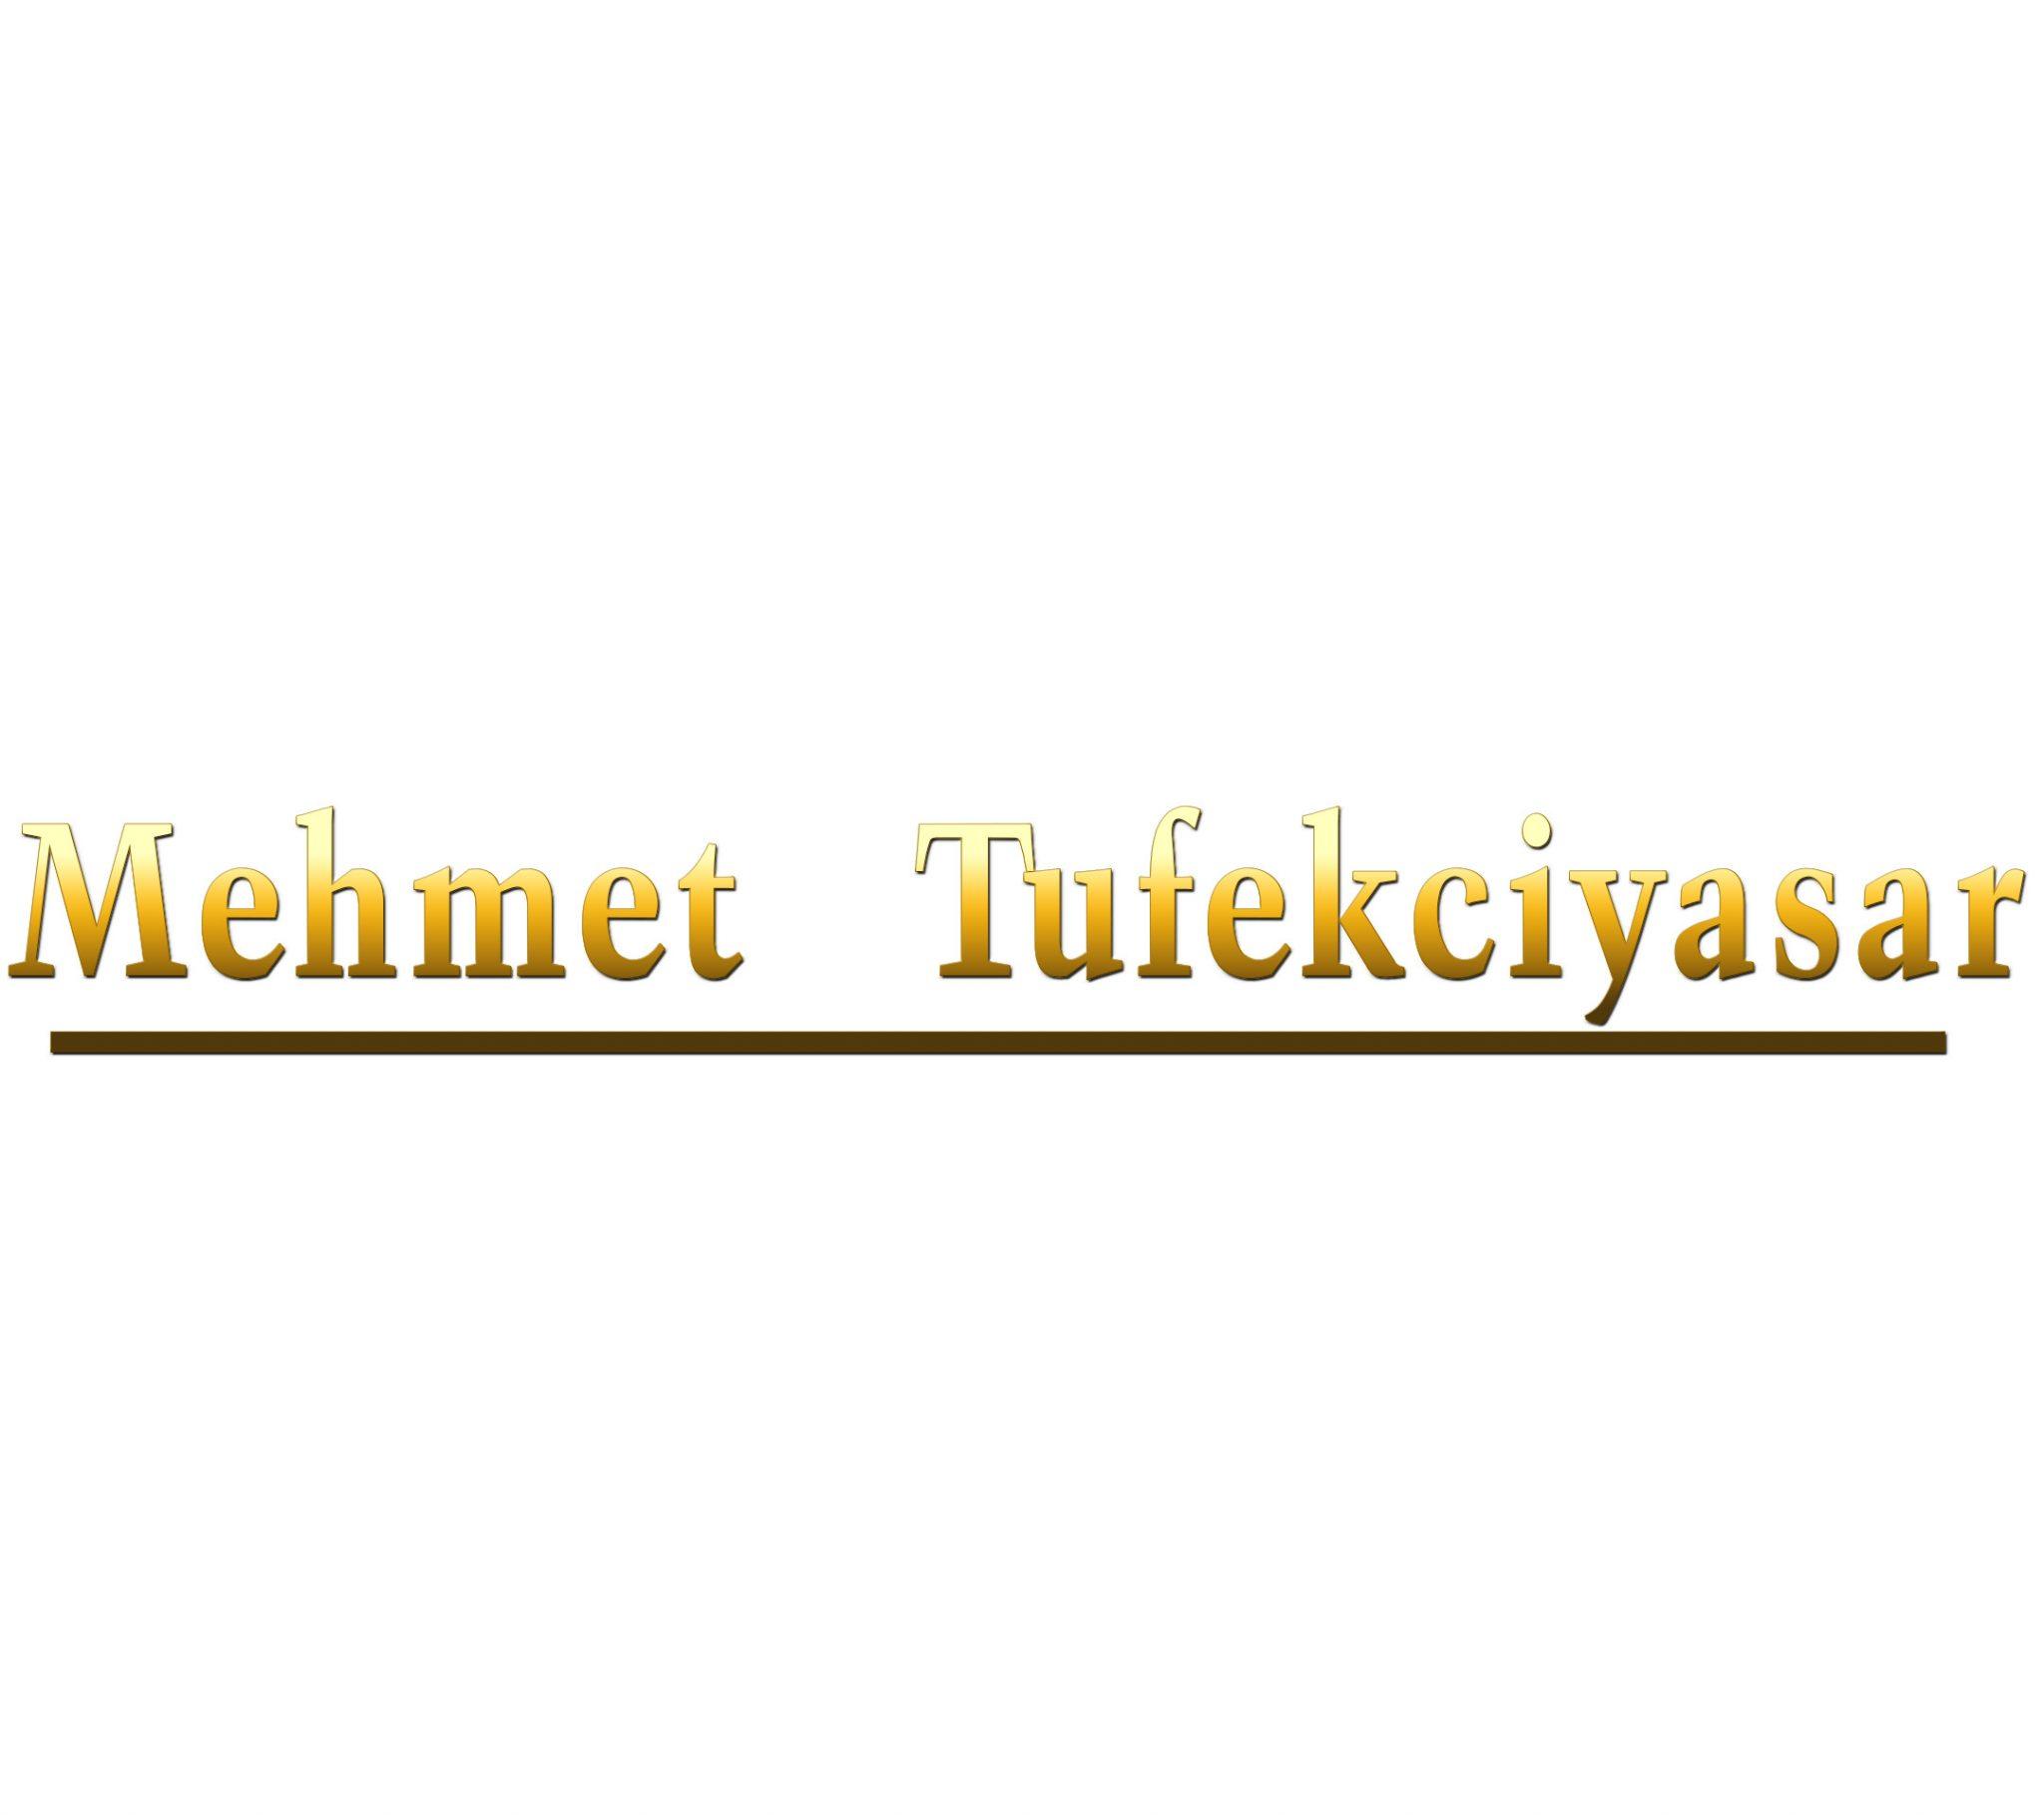 Mehmet Tufeckciyasar